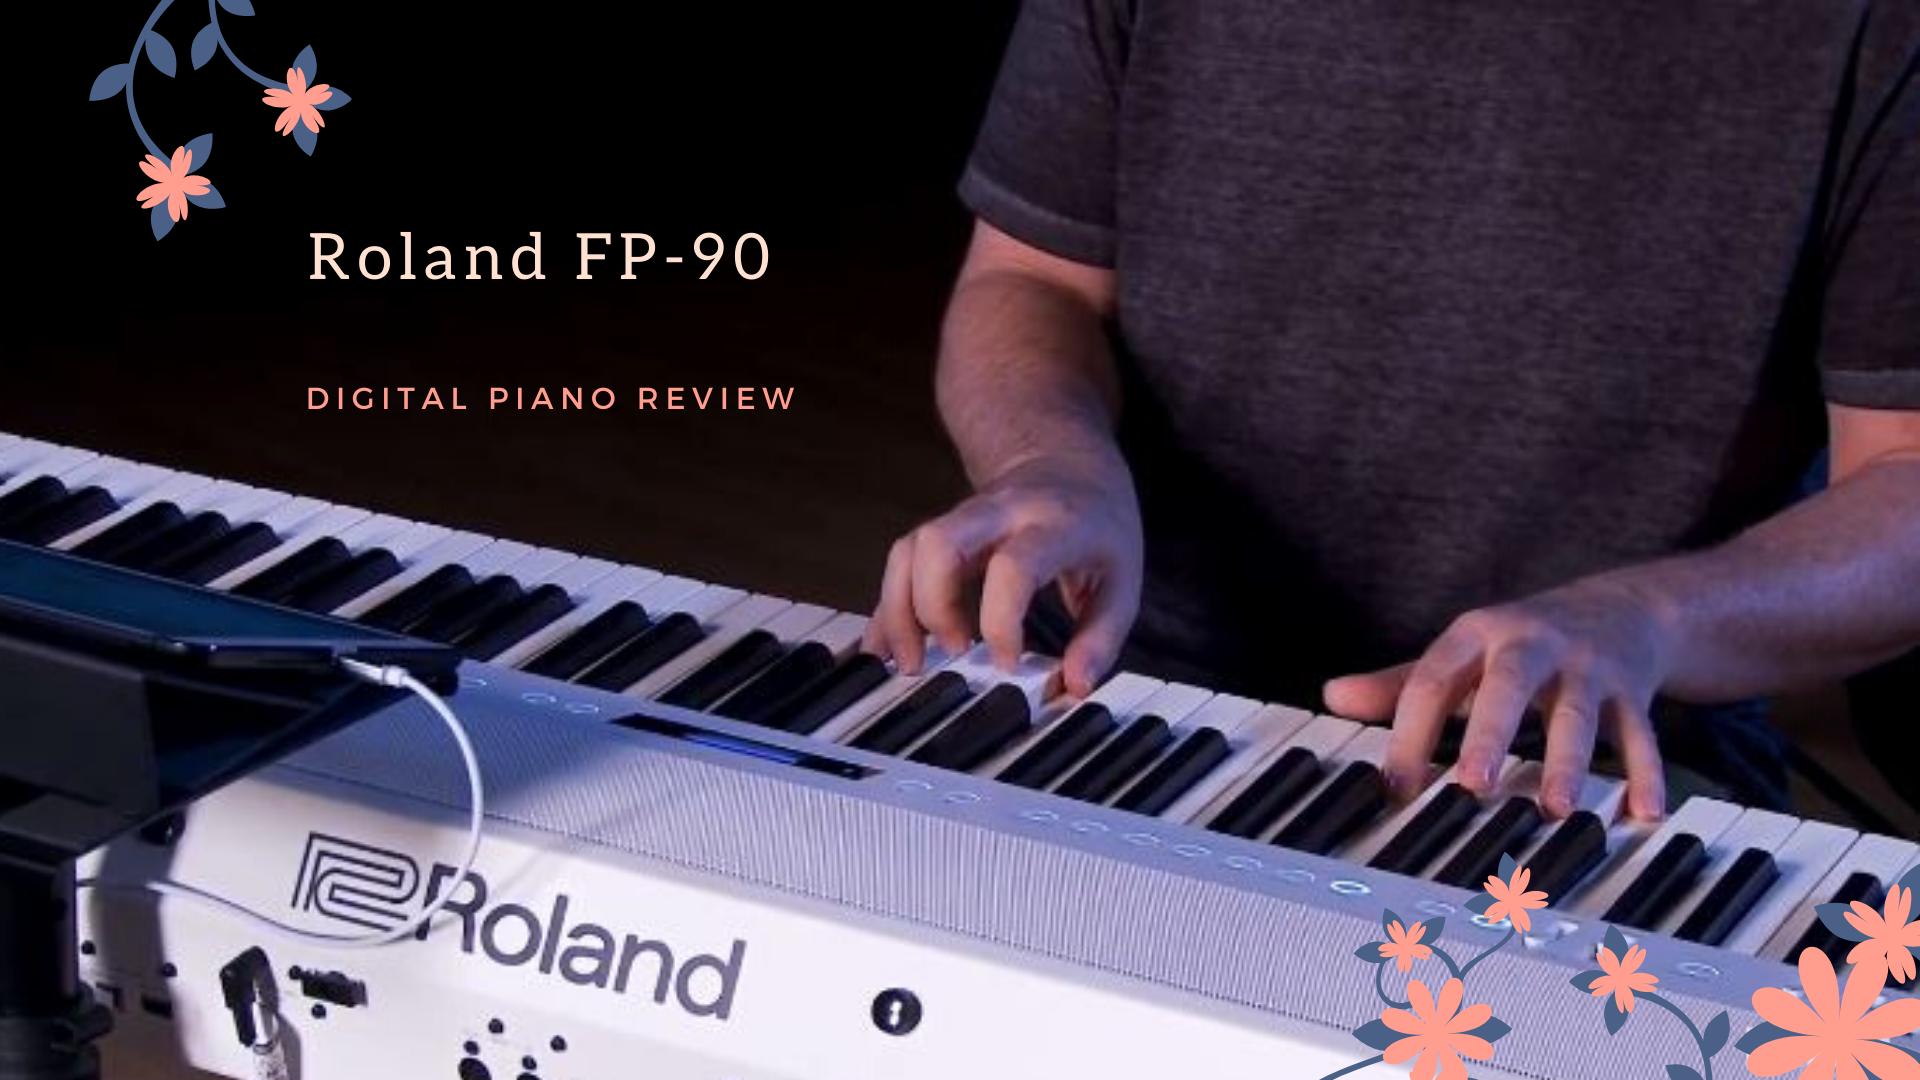 Roland FP-90 – Digital Piano Review